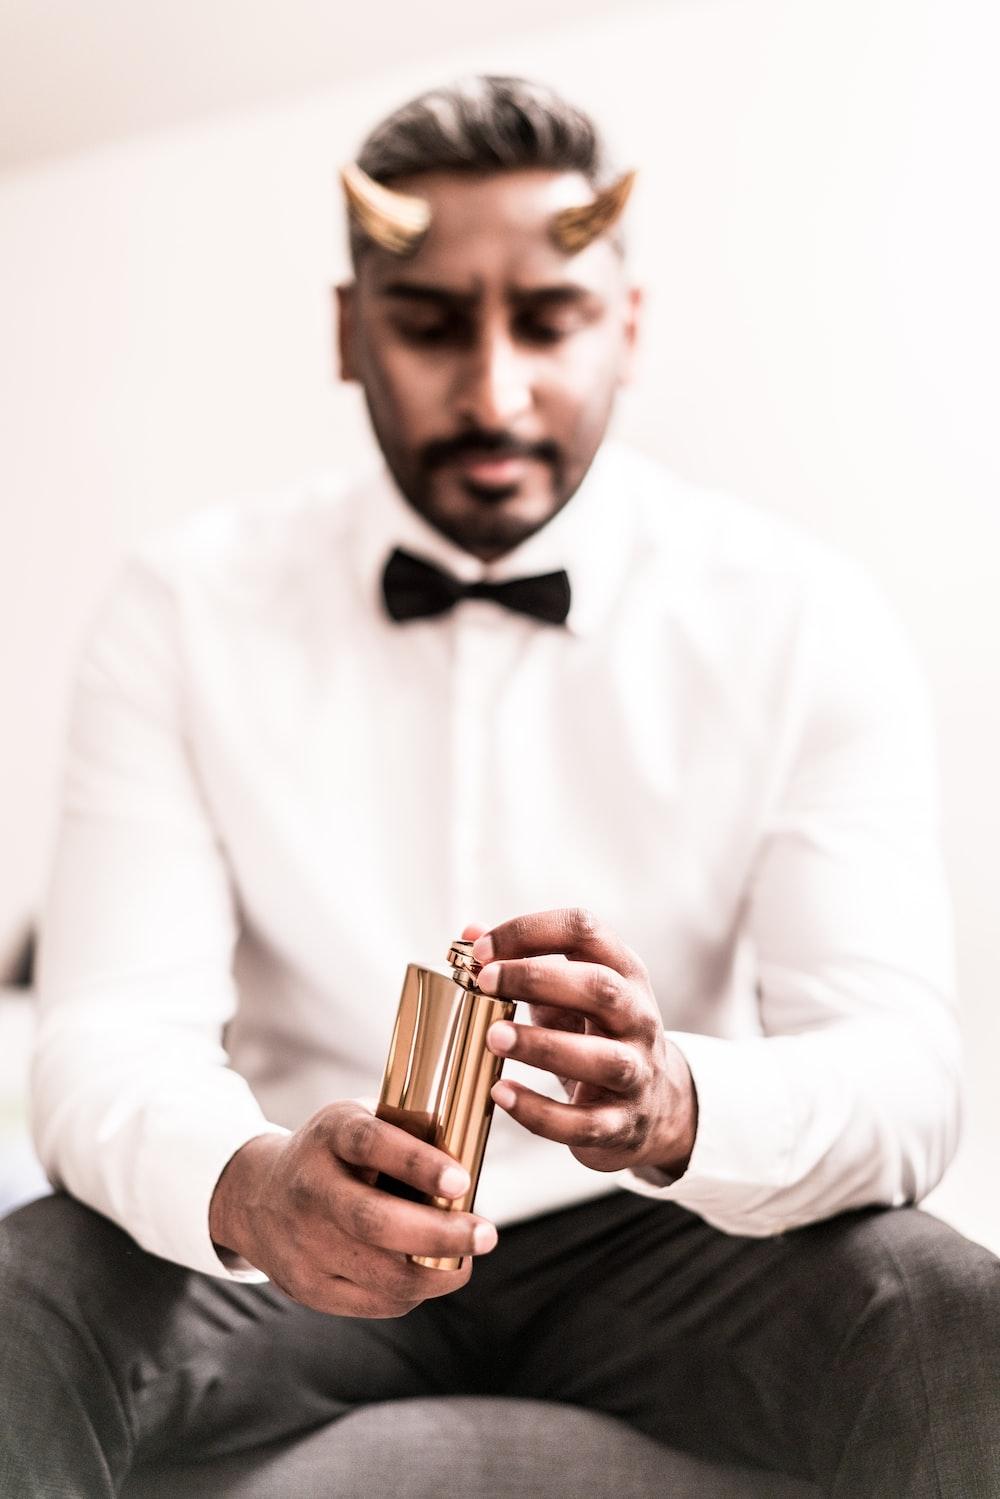 man in white dress shirt holding gold tube